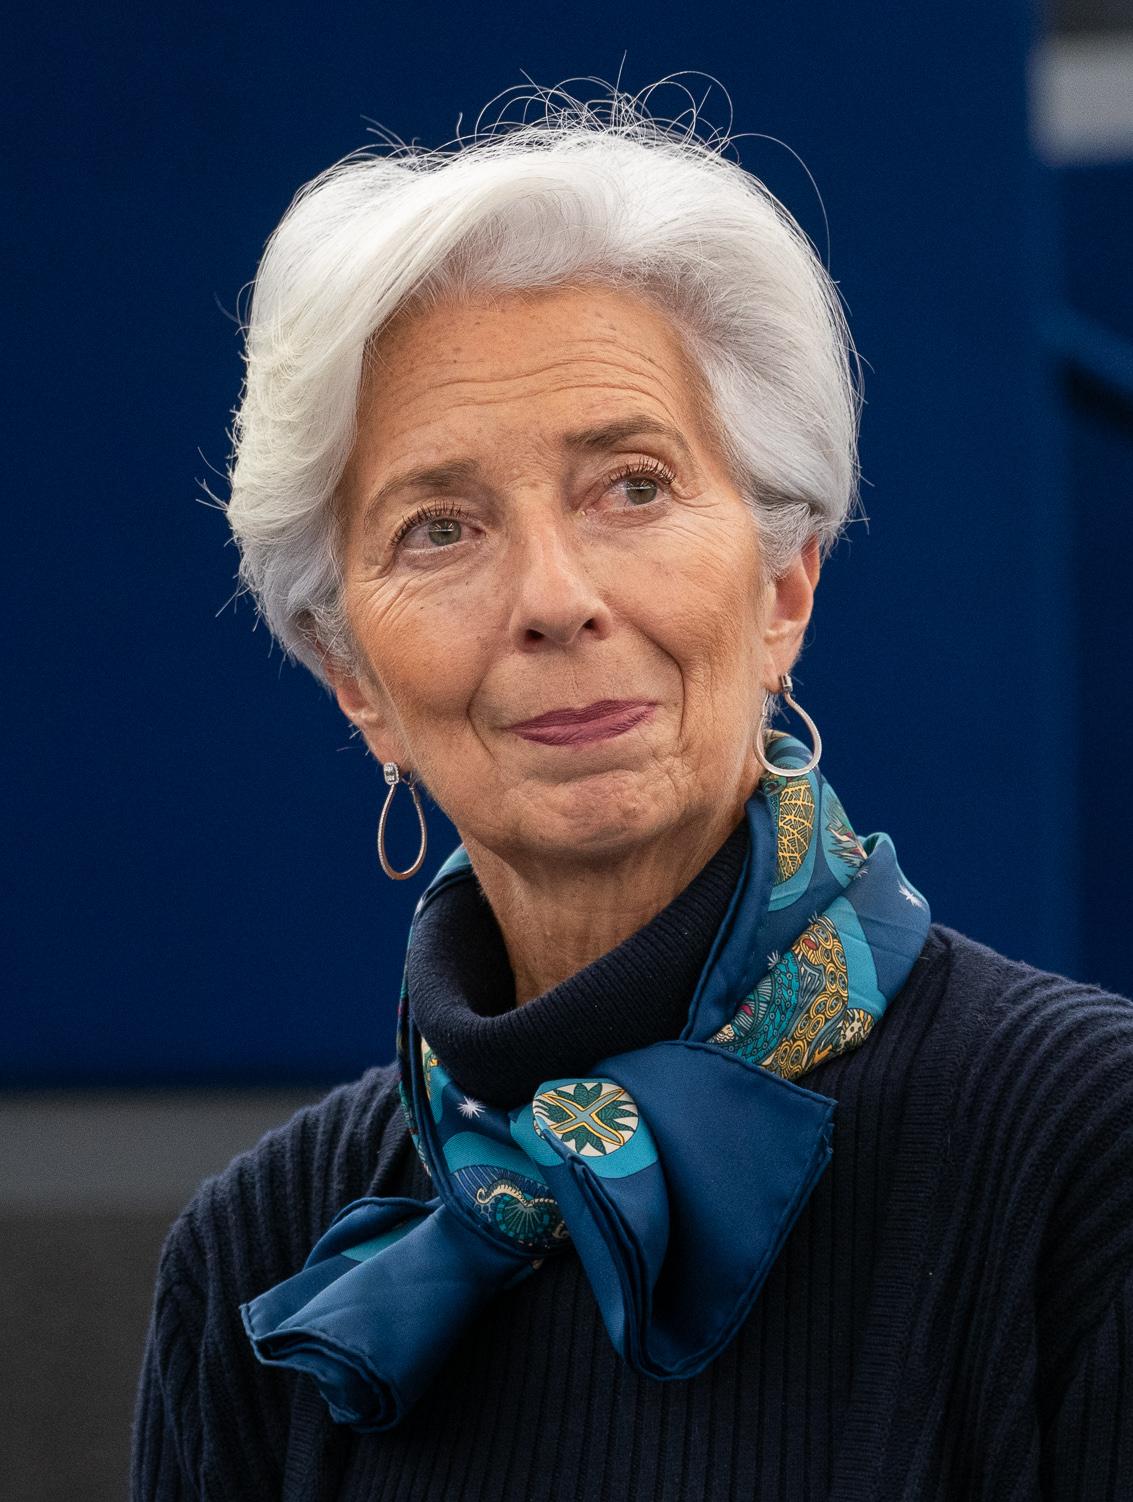 Il 64-anni 174 cm alto Christine Lagarde nel 2020